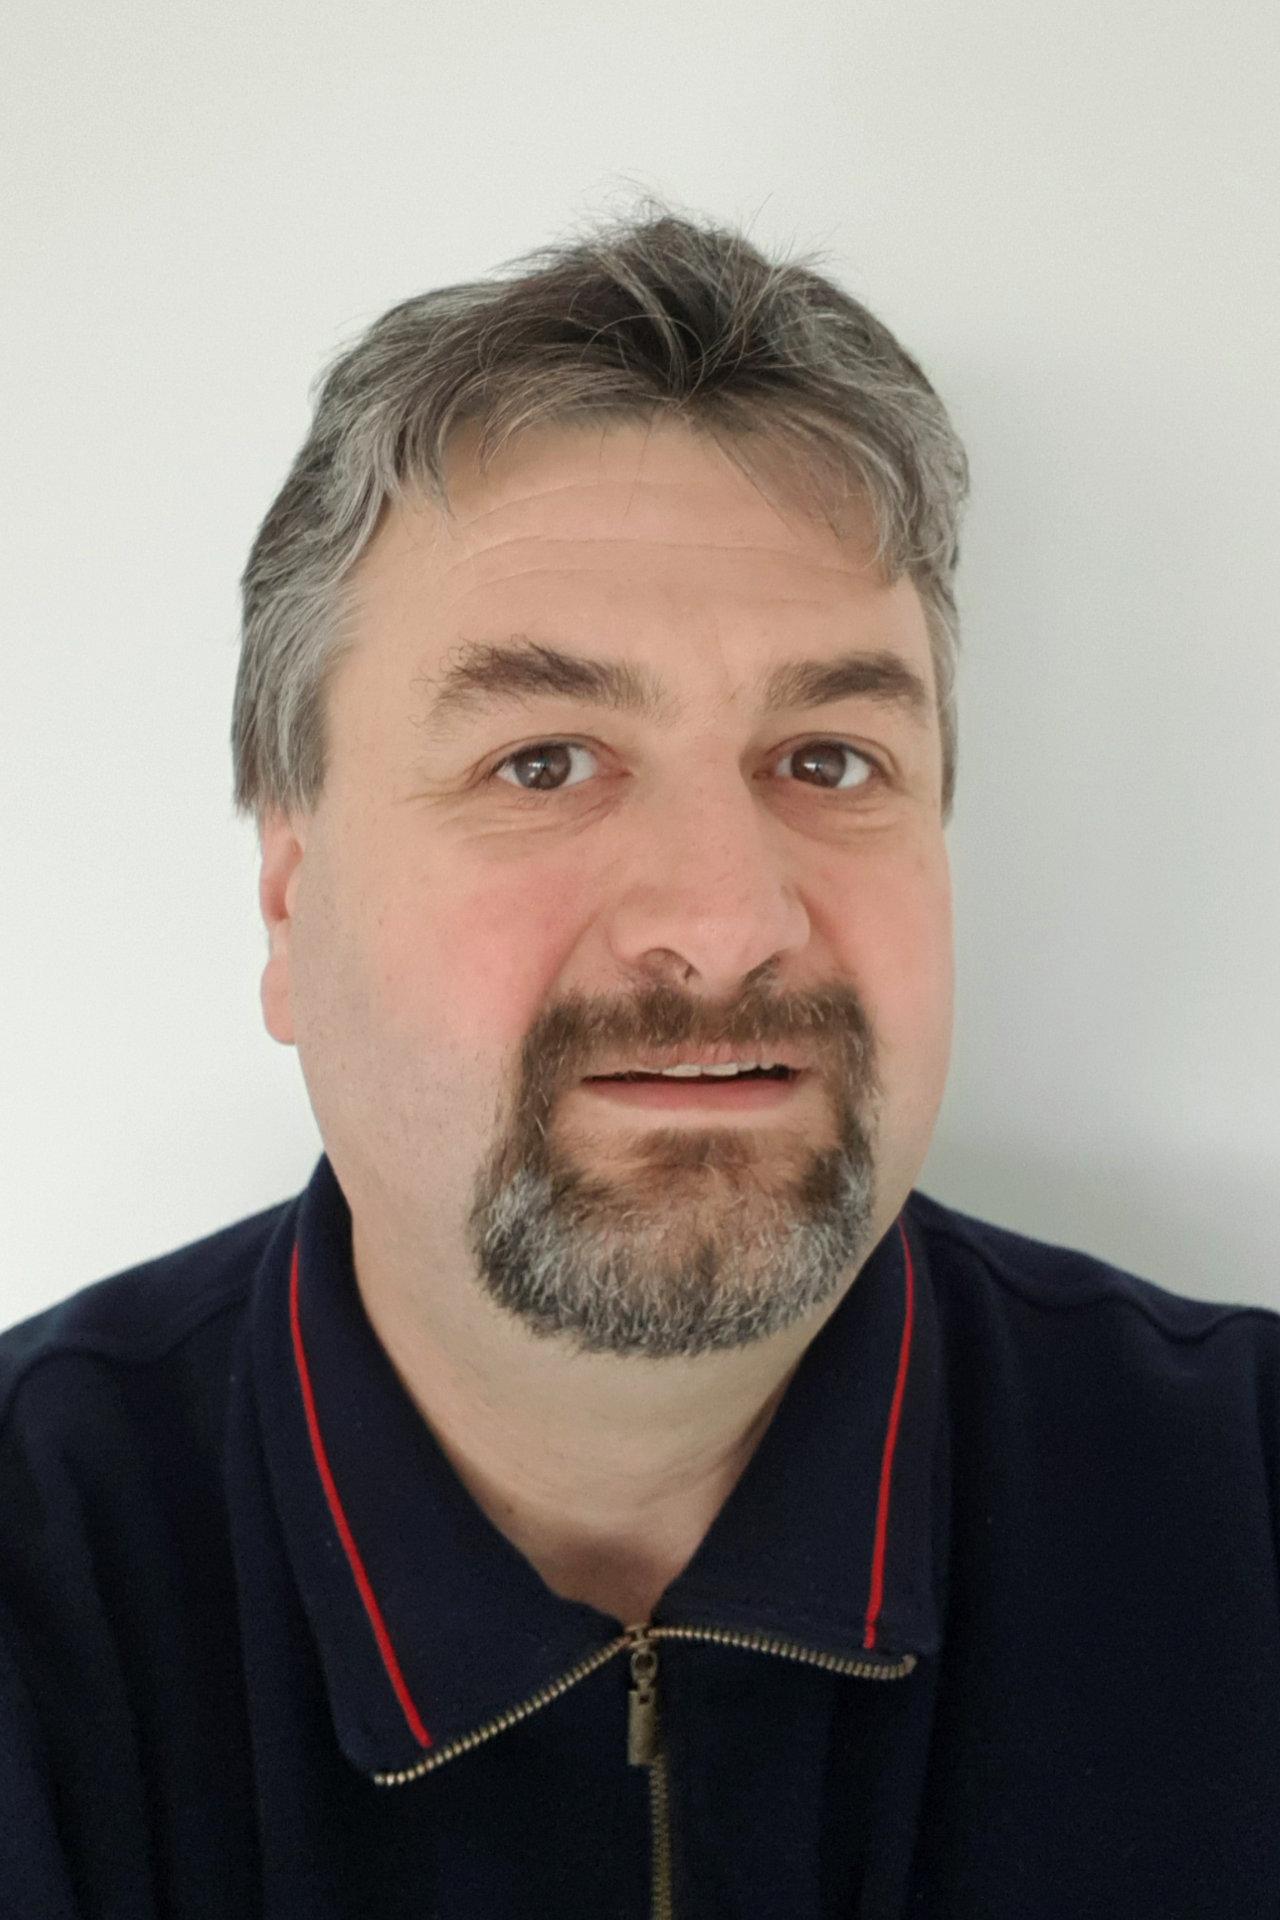 Markus Strüber